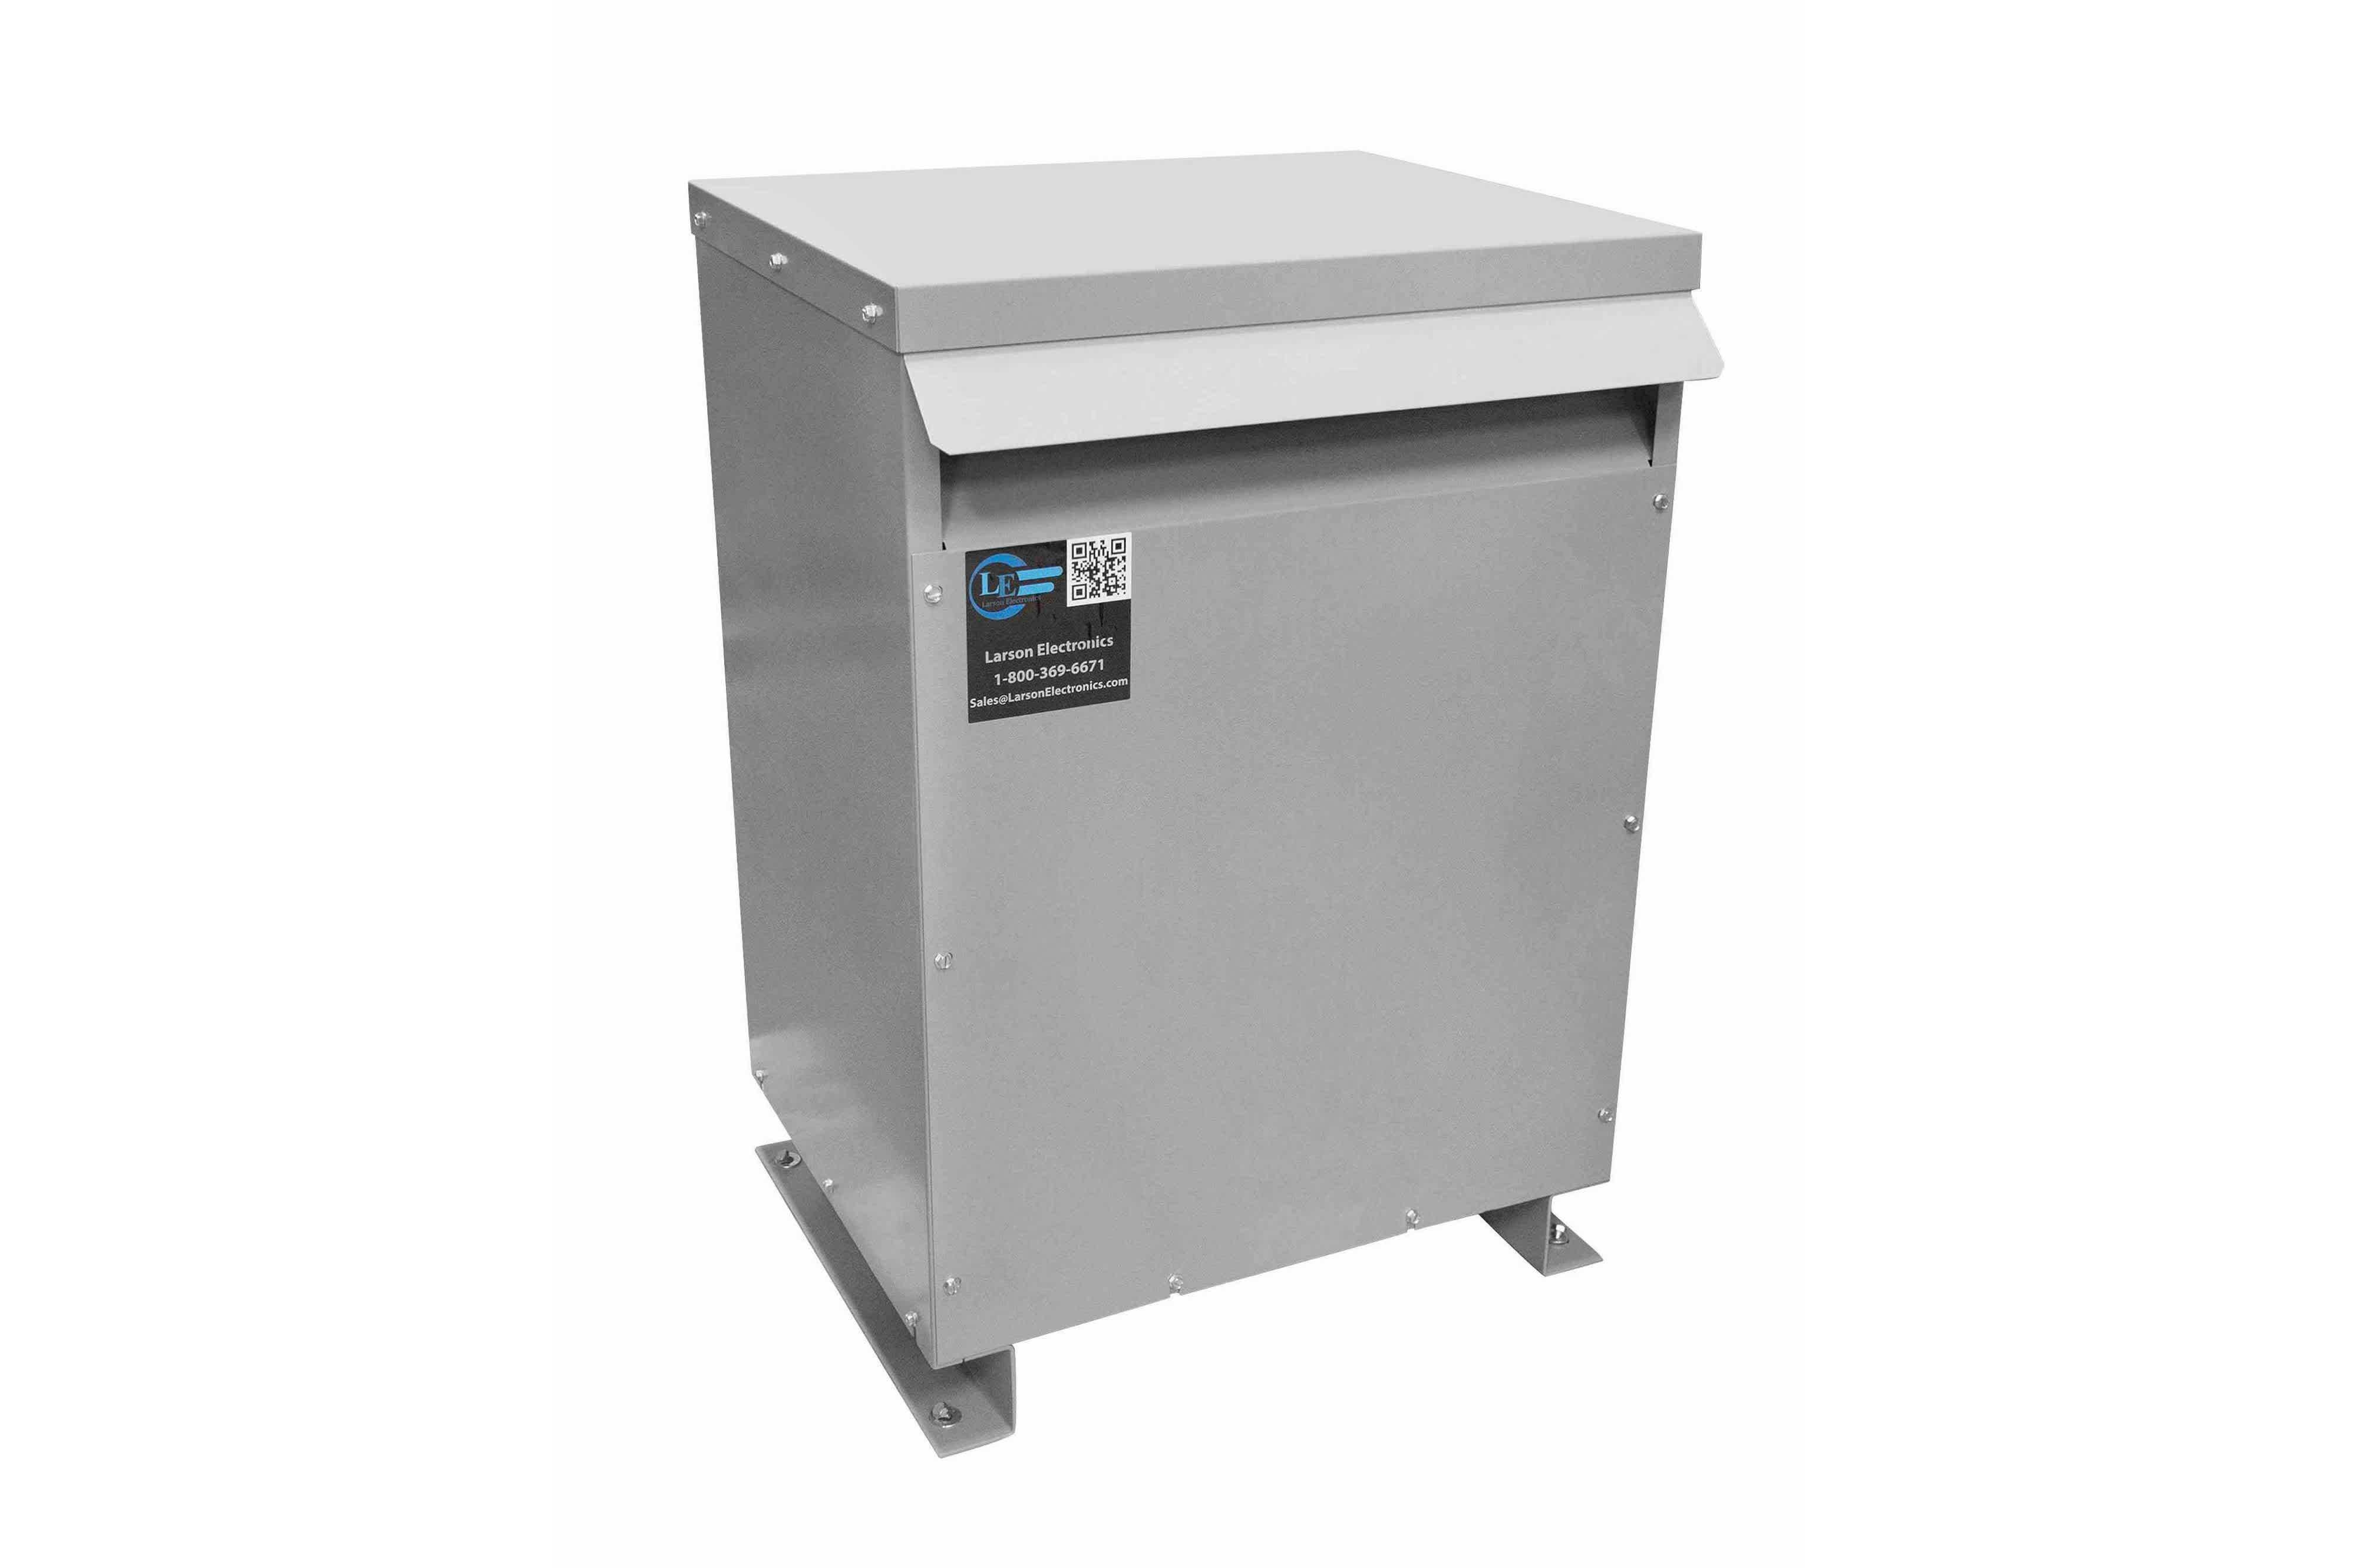 27 kVA 3PH Isolation Transformer, 480V Delta Primary, 208V Delta Secondary, N3R, Ventilated, 60 Hz